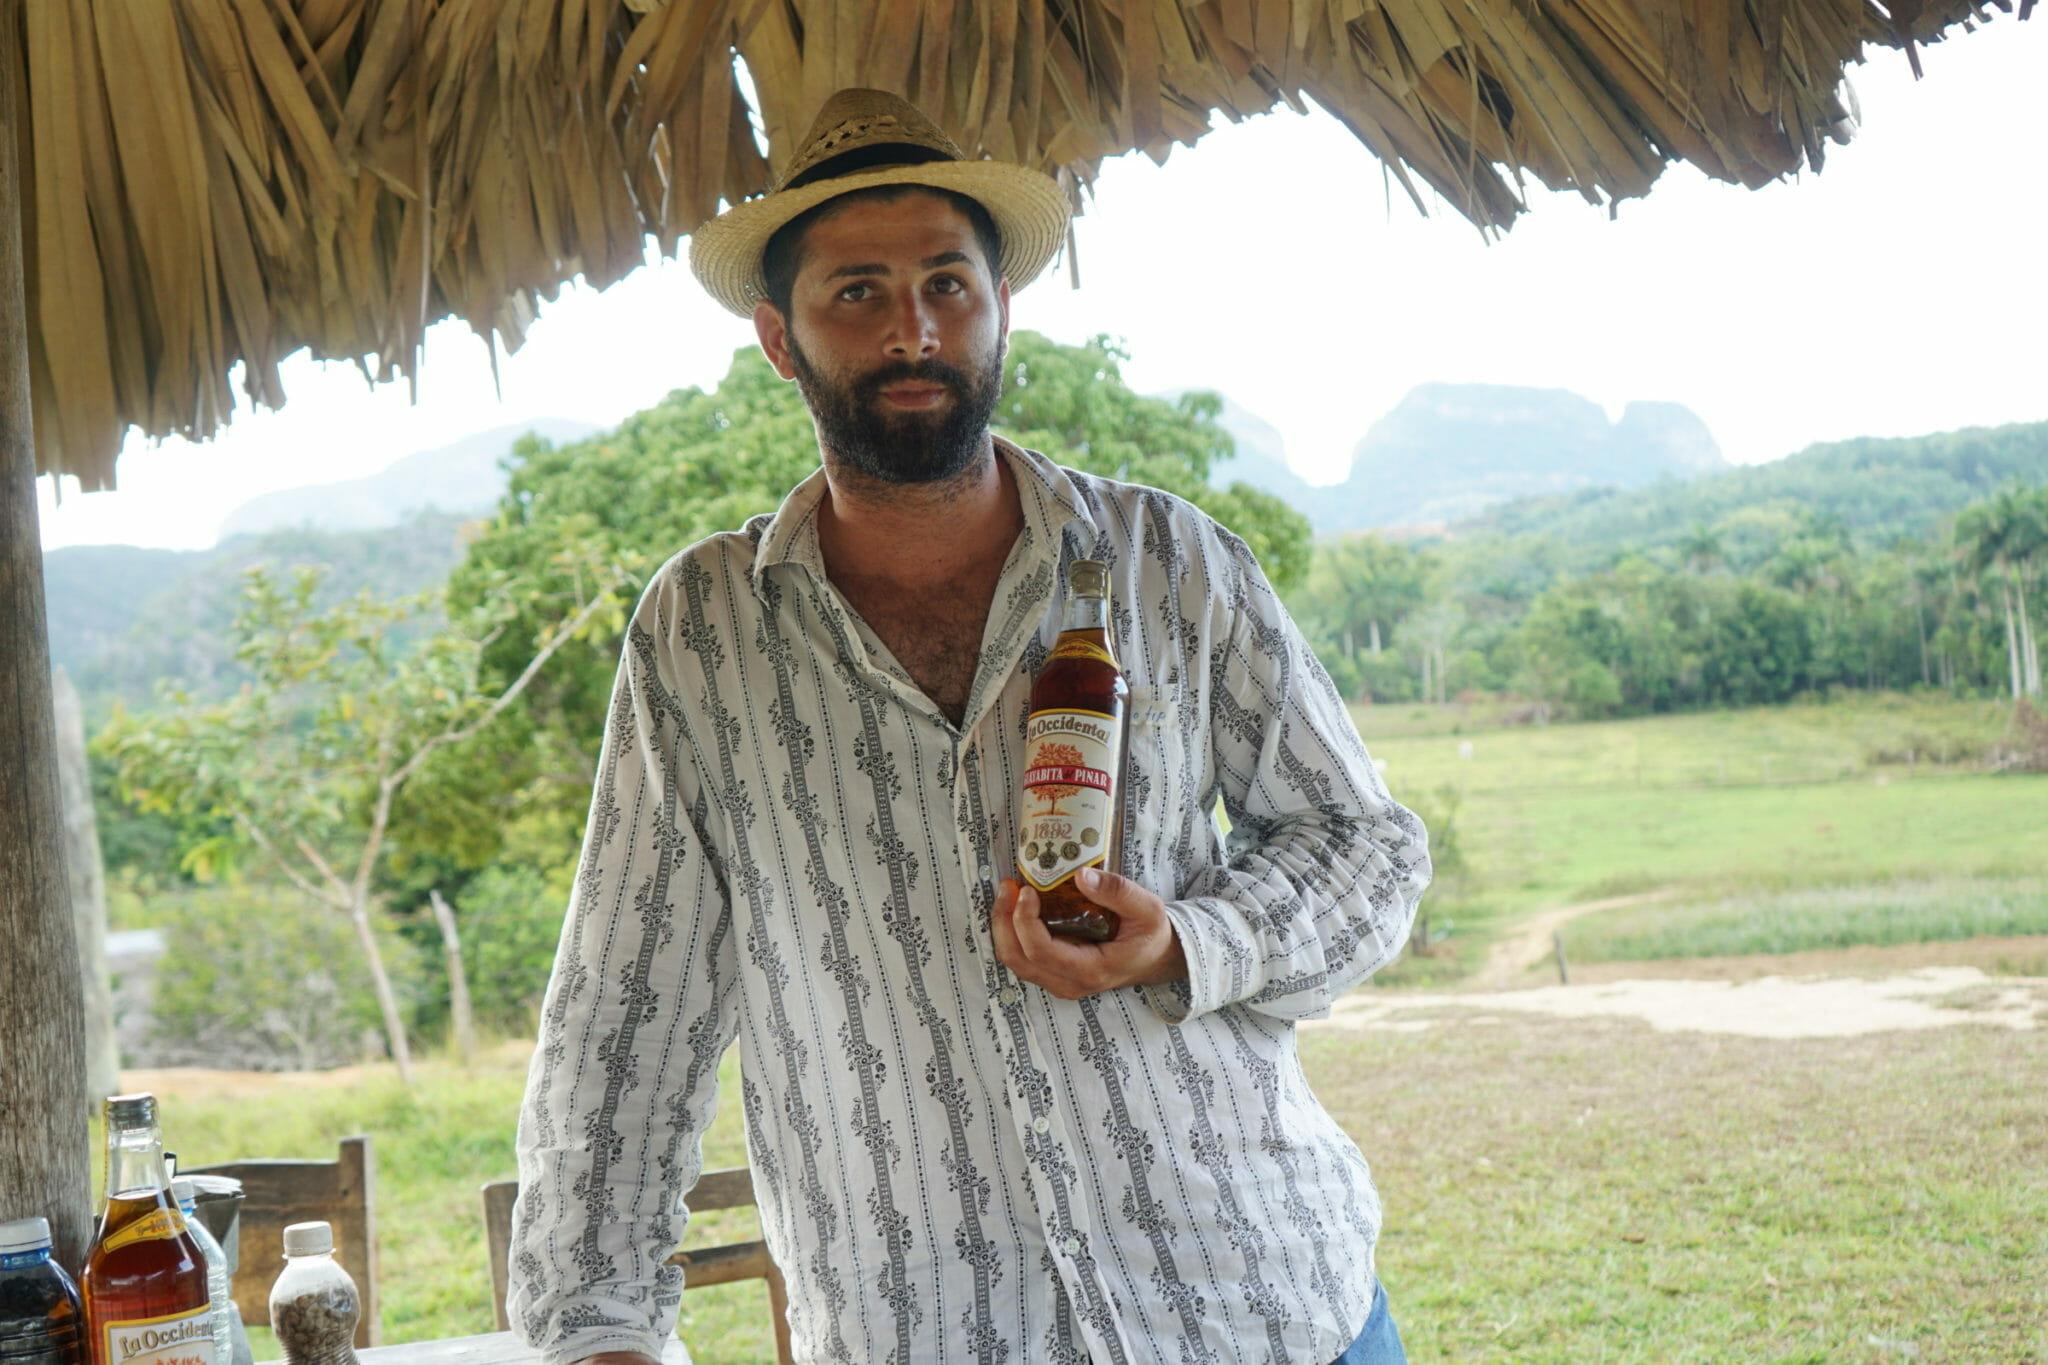 Farmer holds locally produced rum in Viñales, Cuba